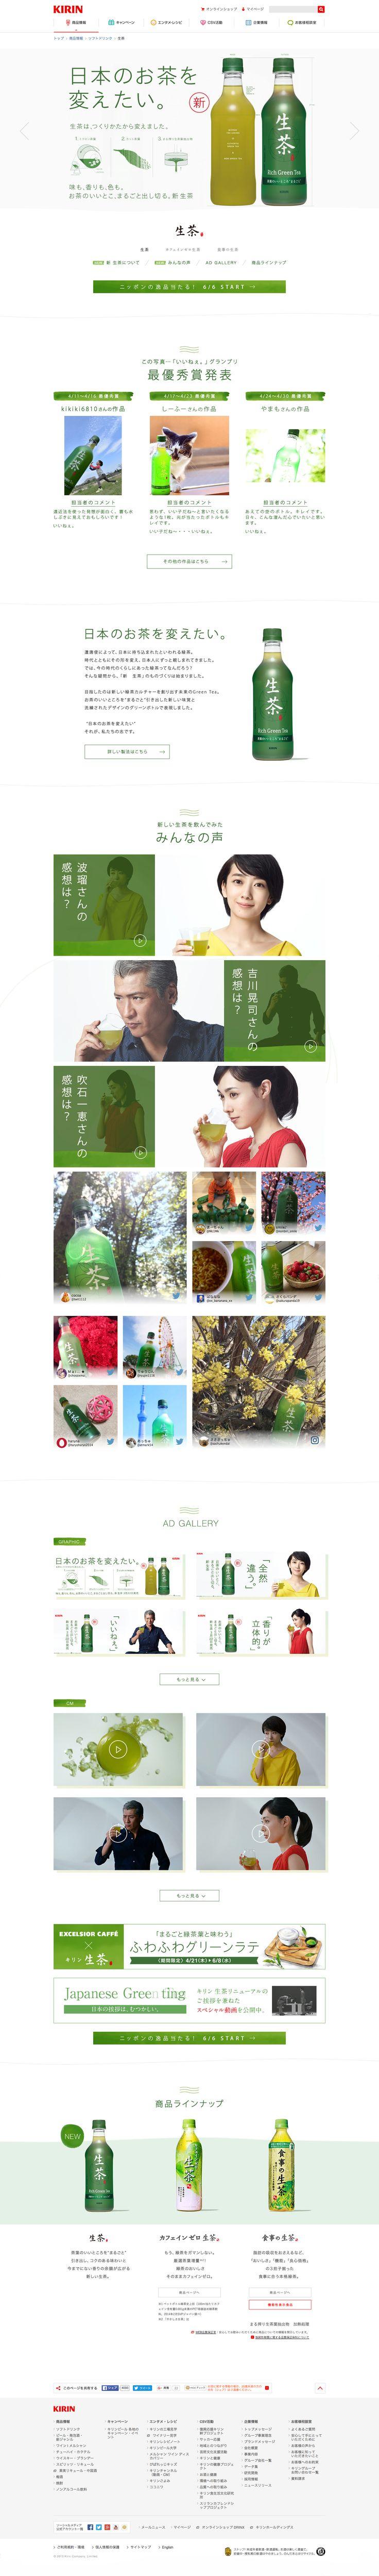 生茶 - KIRIN